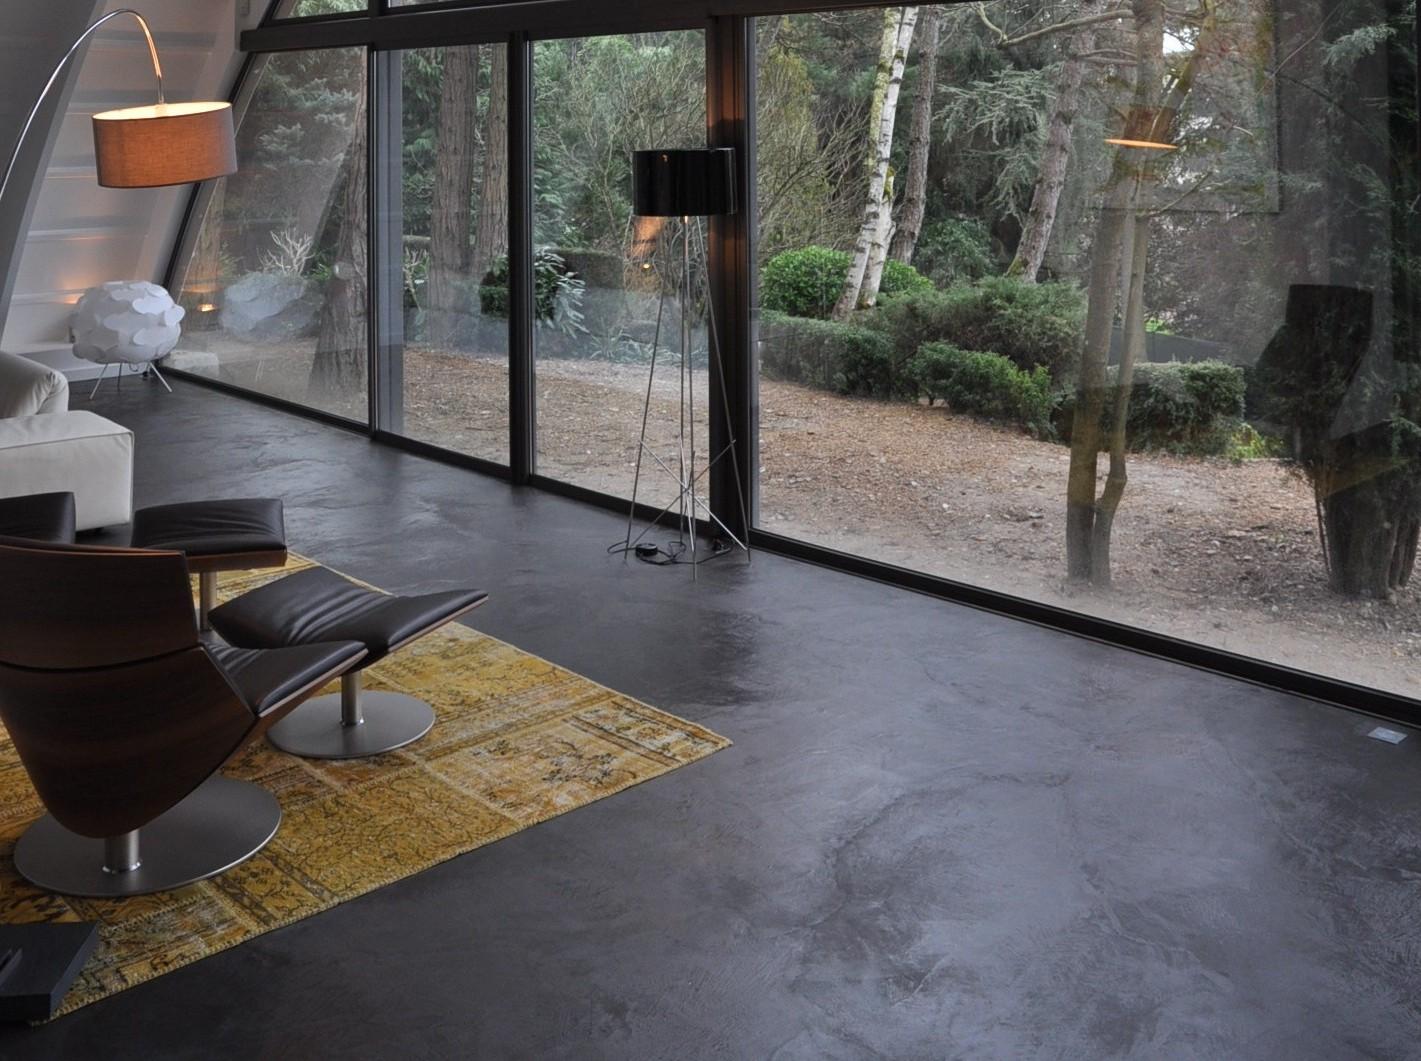 Habitations / Intérieur extérieur